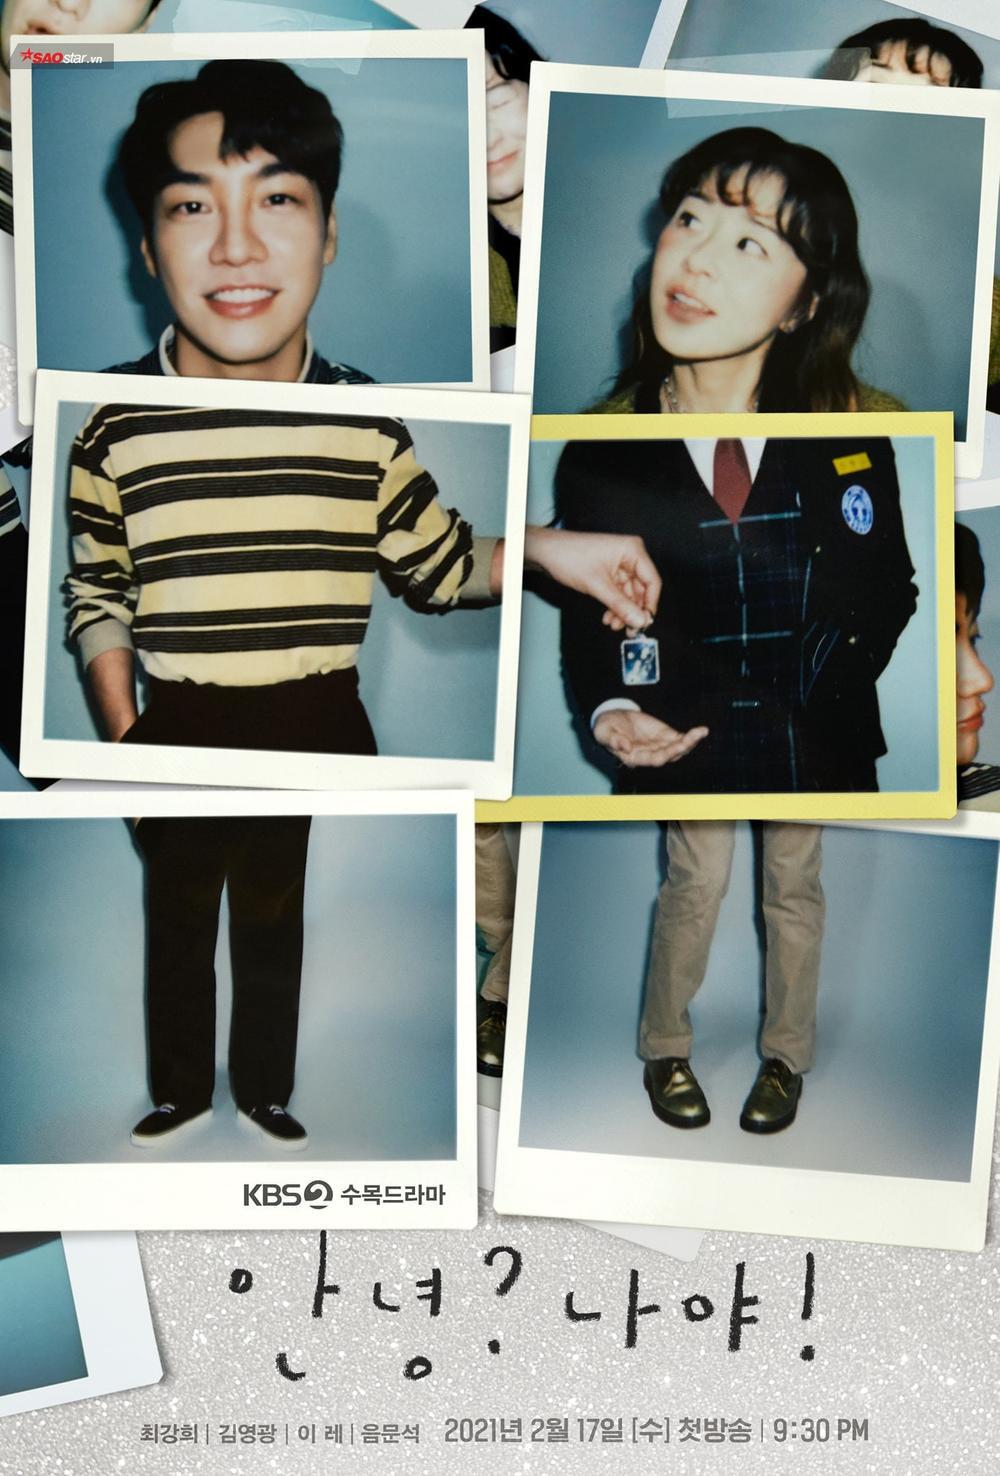 Phim Hàn Quốc đầu tháng 02: Màn đối đầu cực căng giữa Park Shin Hye và Kim So Hyun Ảnh 9